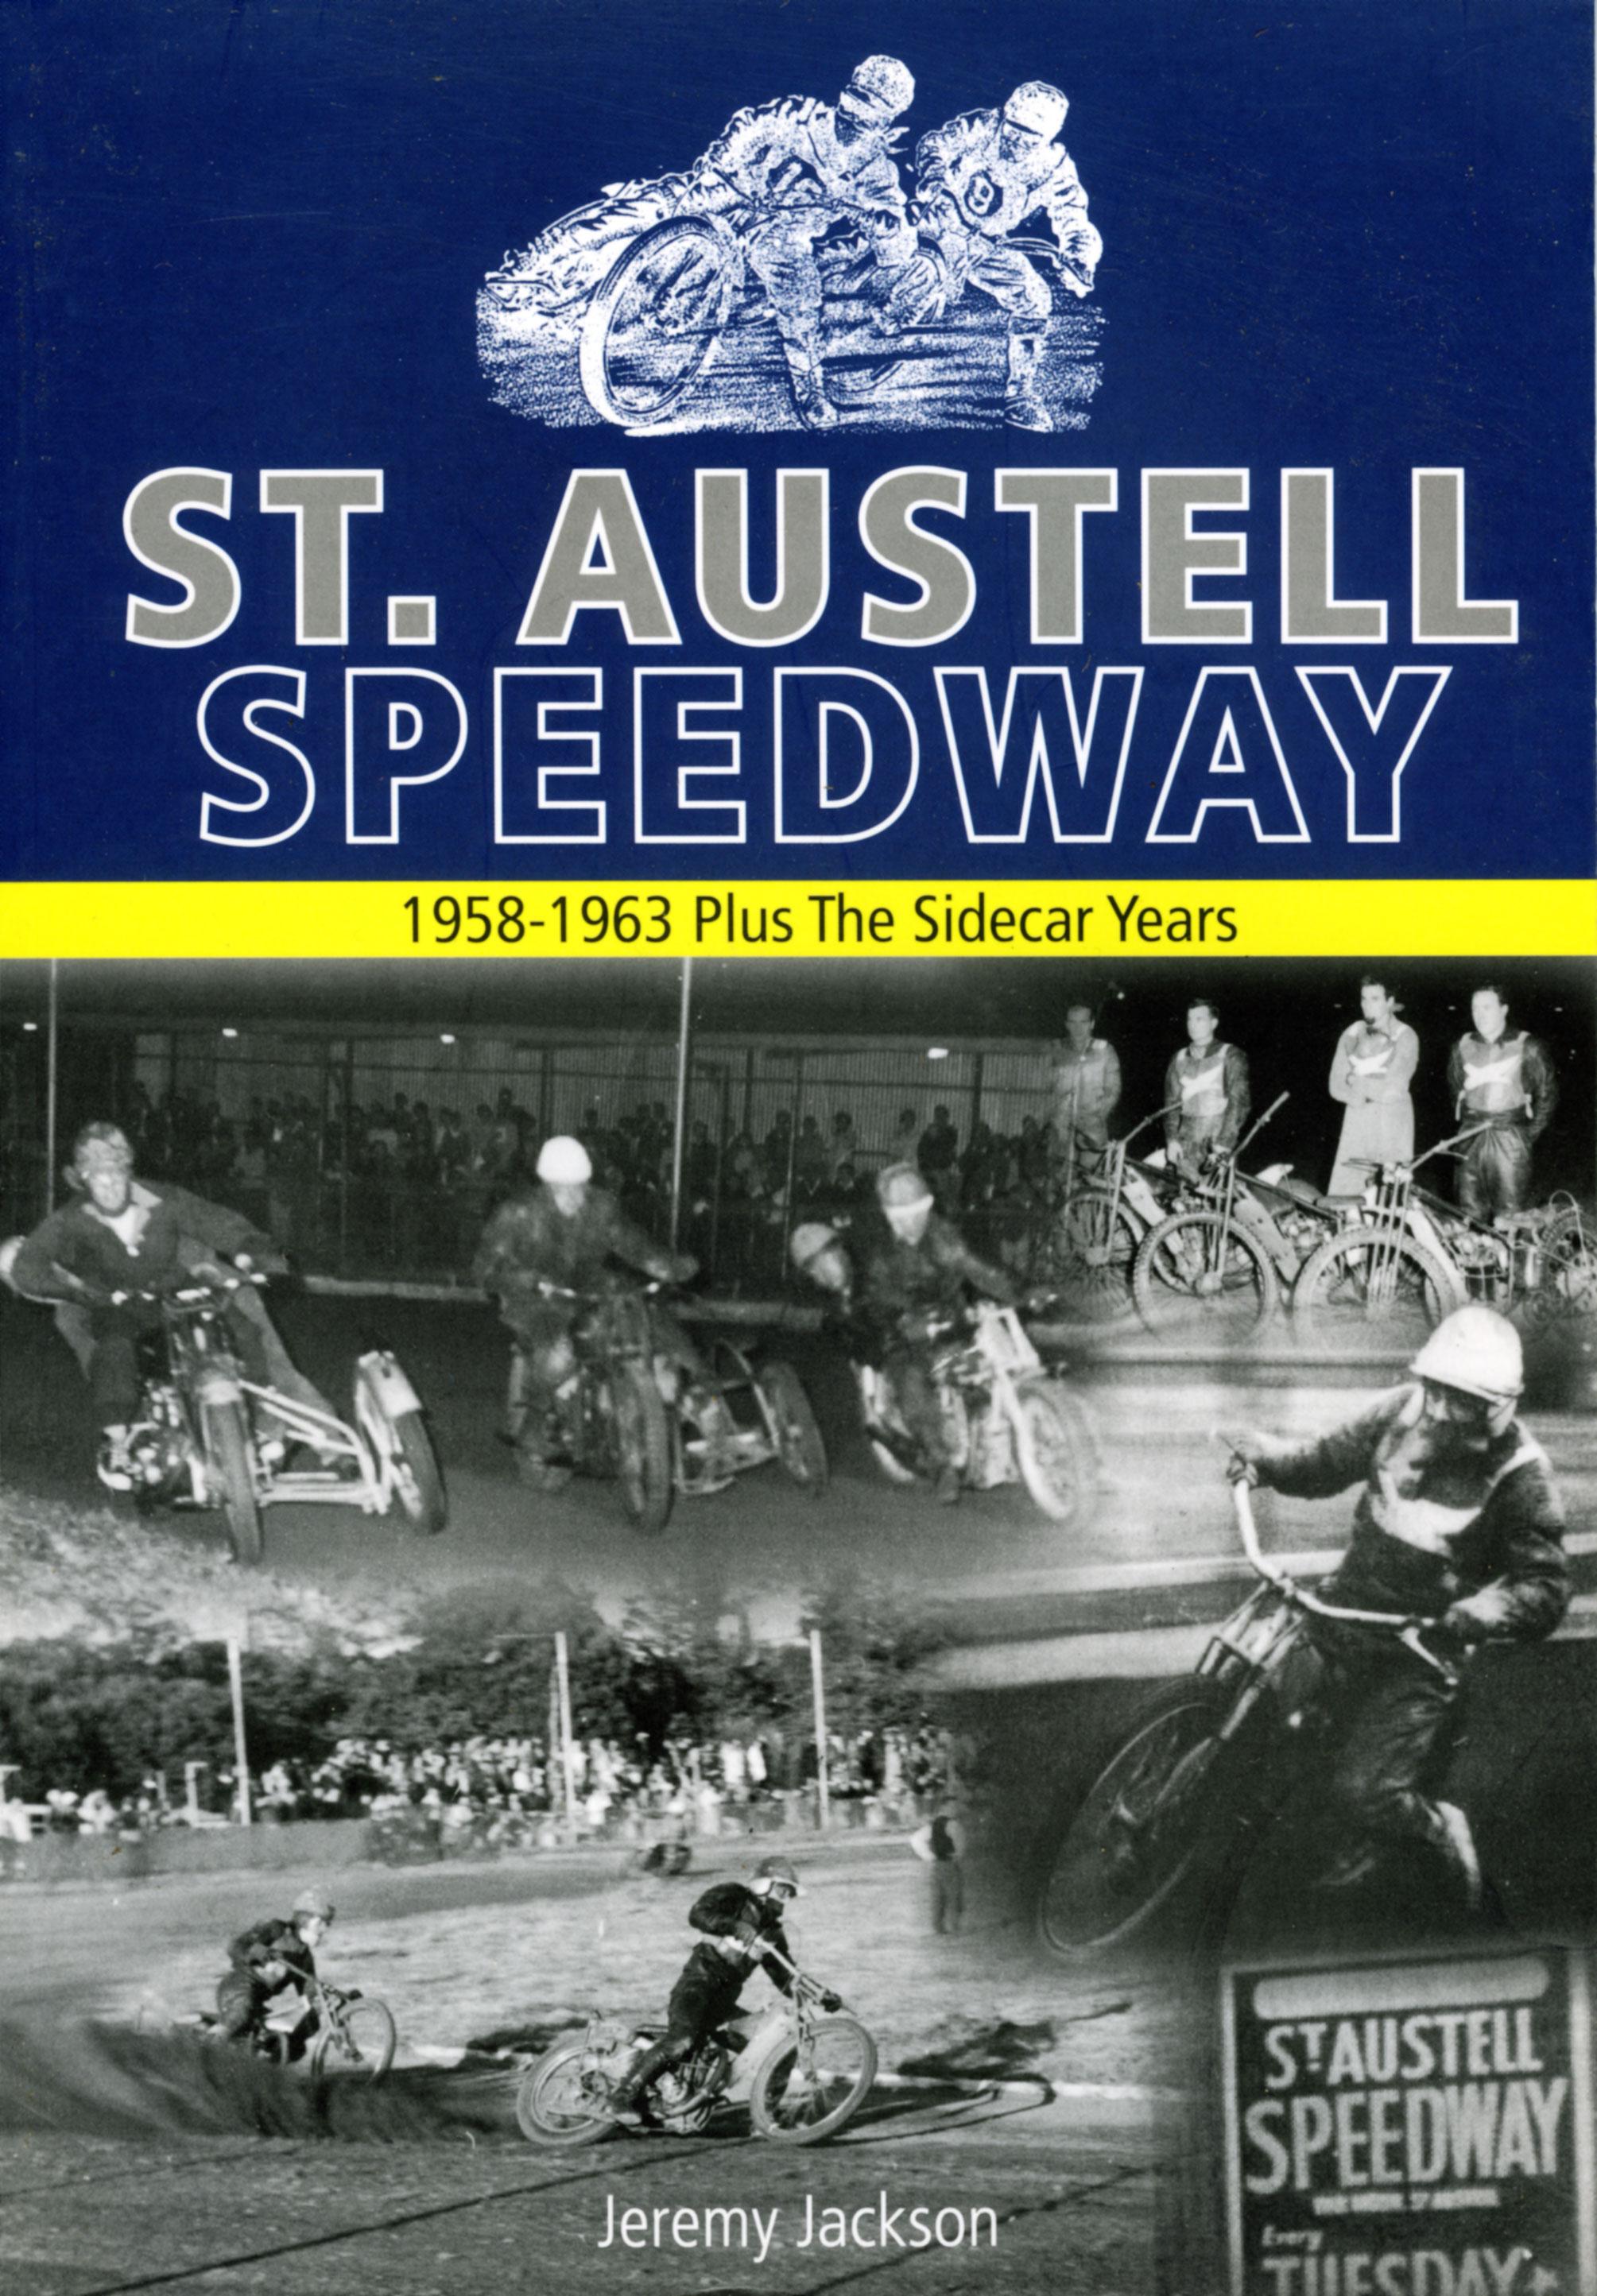 staustell-speedway